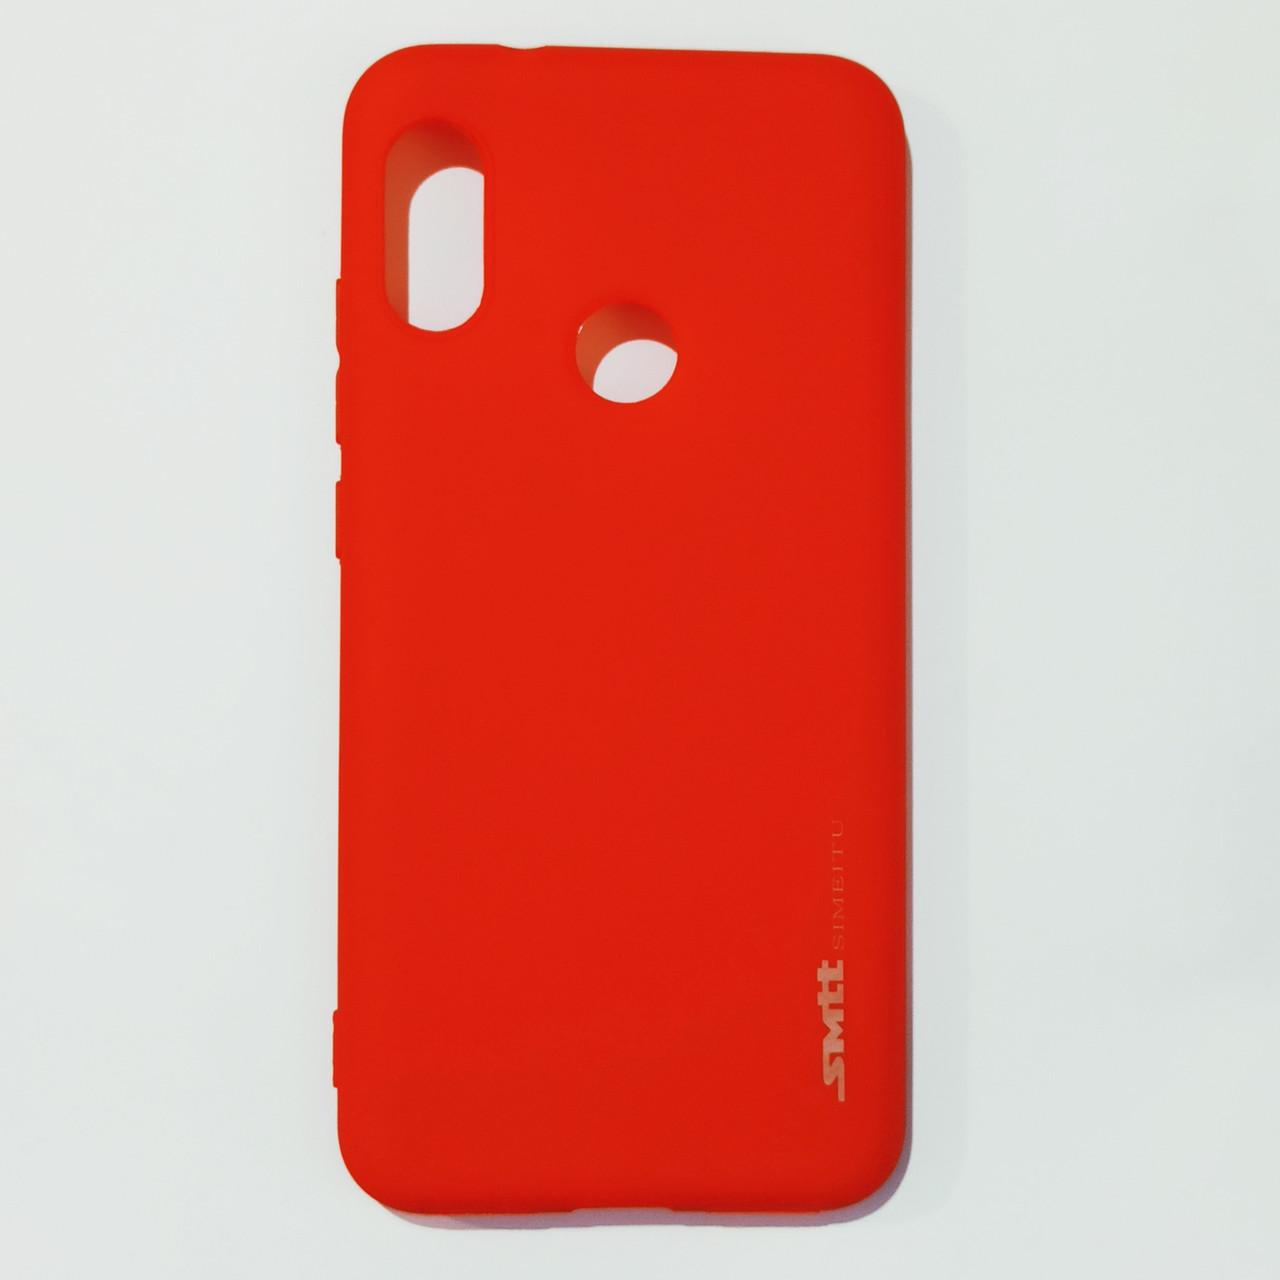 Бампер для Xiaomi A2 Lite, Redmi 6 Pro Smit Червоний